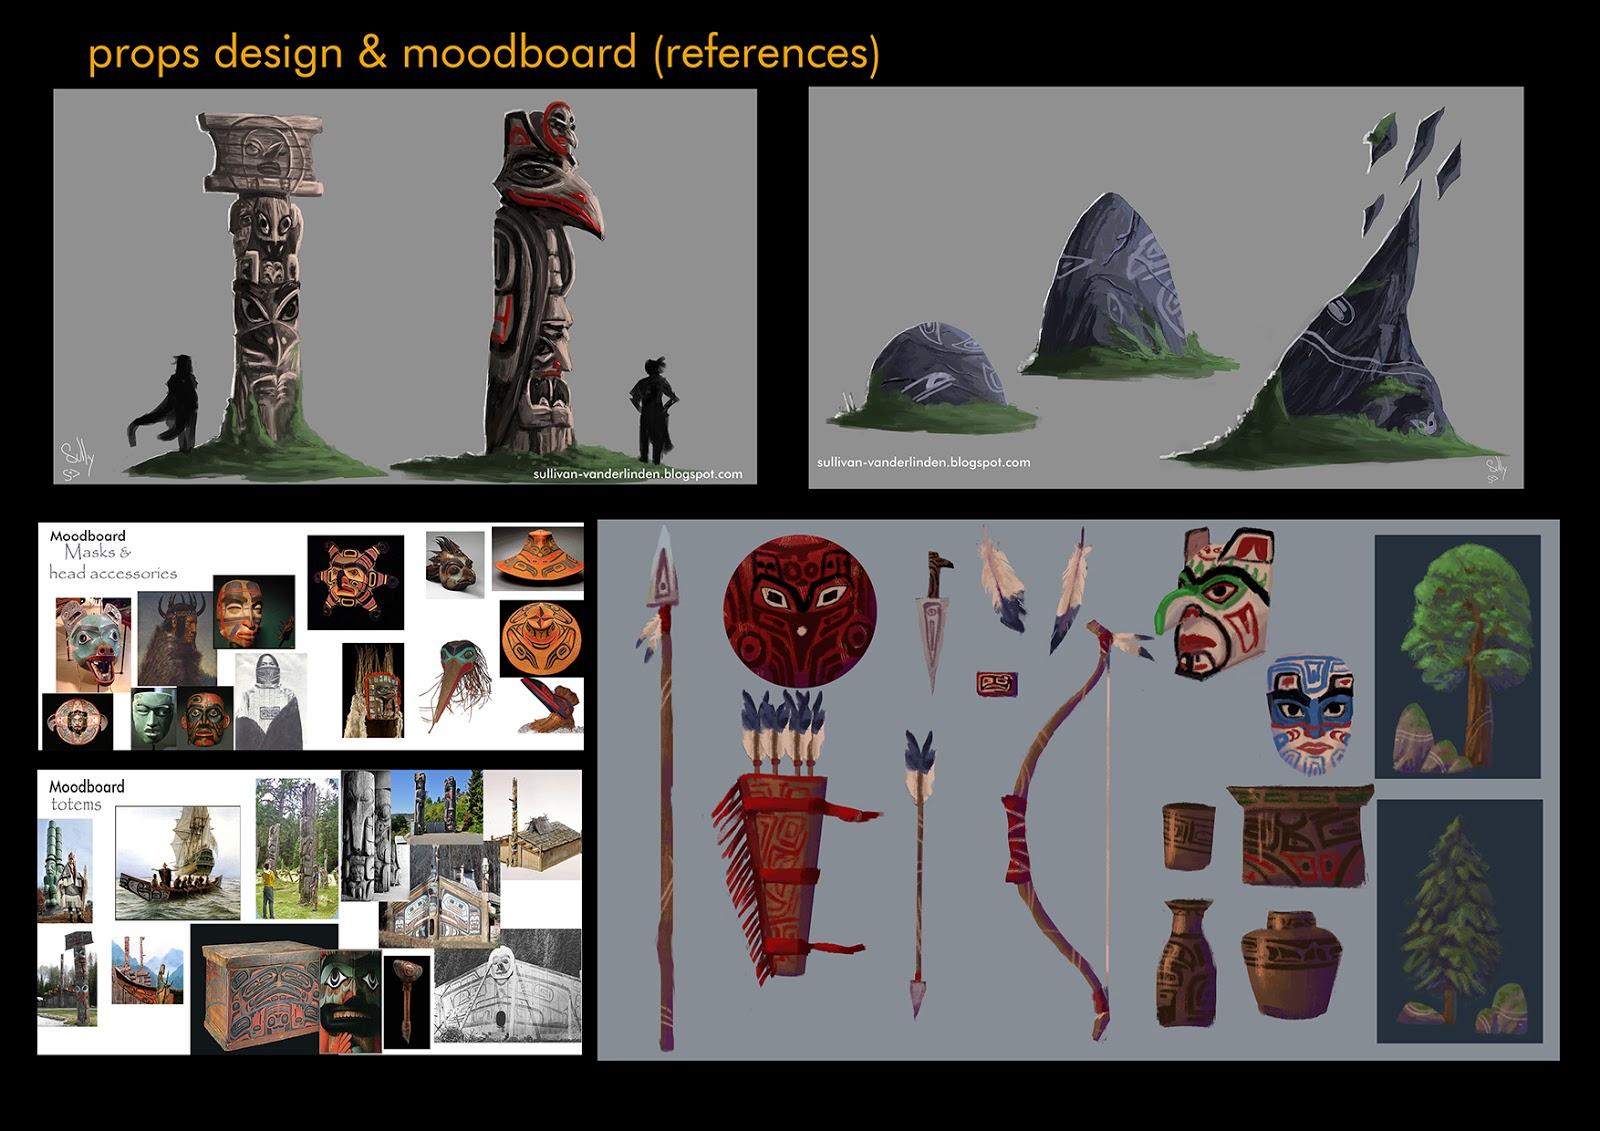 Sullivan vanderlinden portfolio moodboard